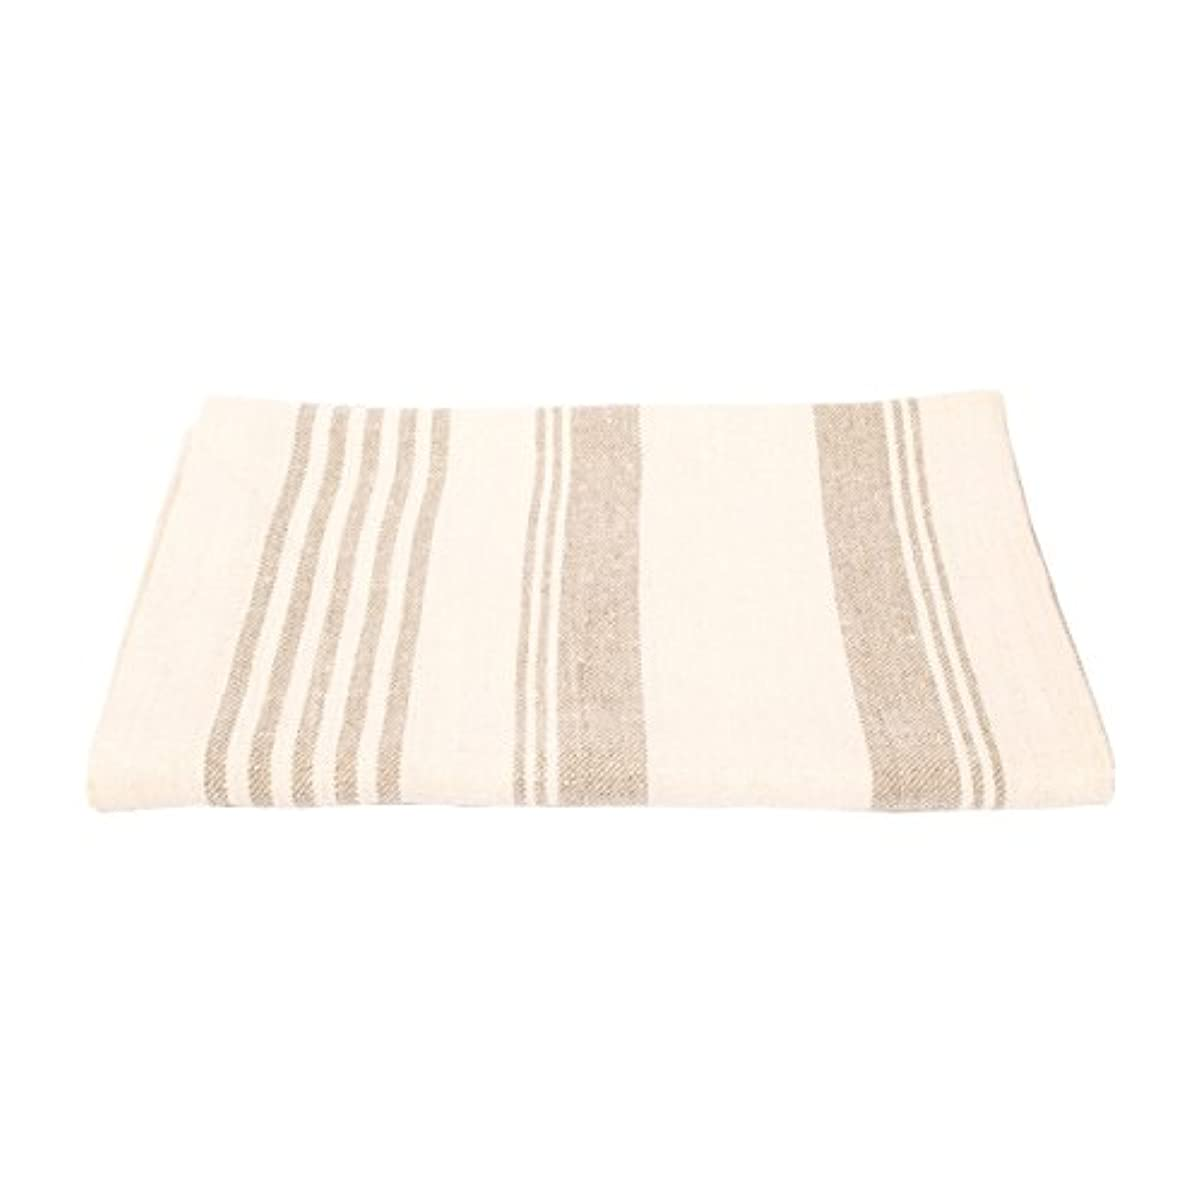 それ神の一方、(105 x 142 cm) - Bath Towel Cream Huckaback Linen Linum